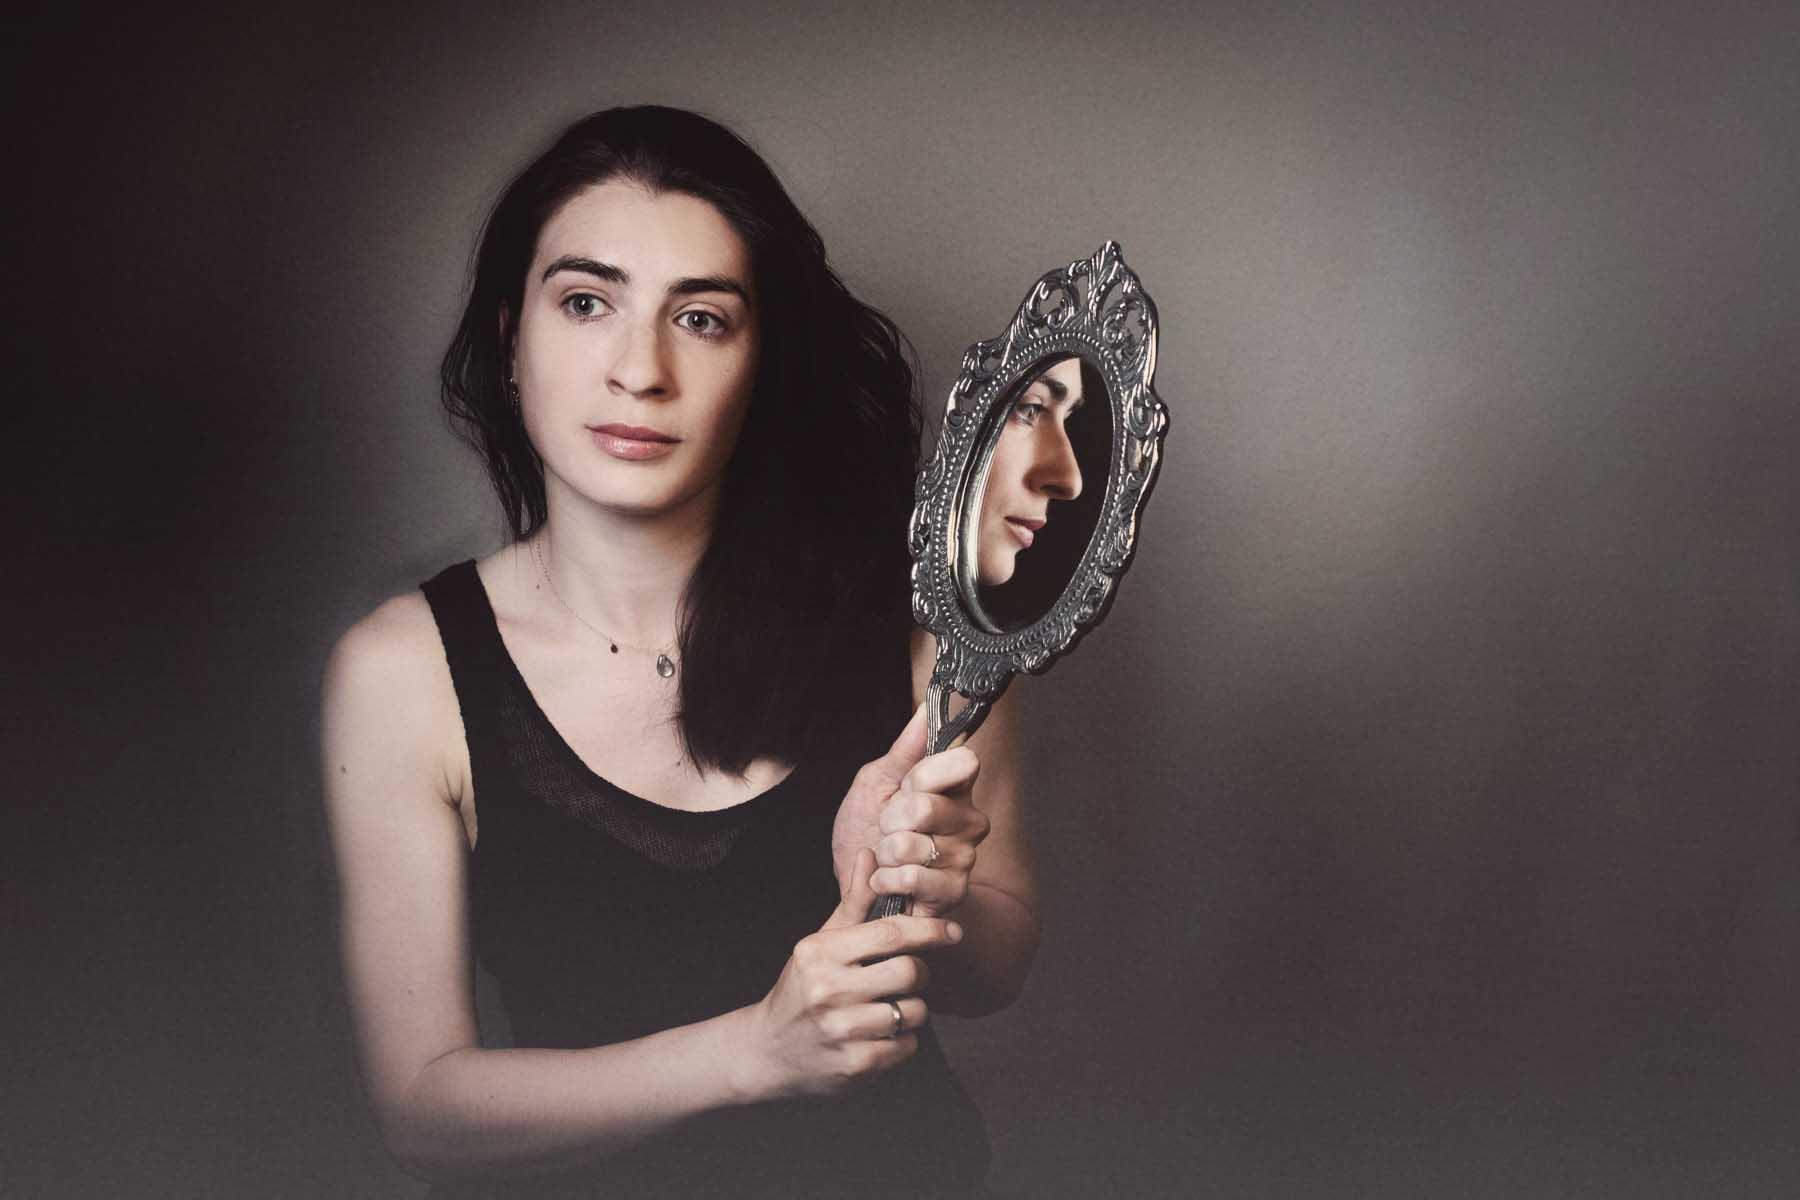 künstlerische Portraitfotografie in Vorarlberg von Ihrer Fotografin Frederike Aiello